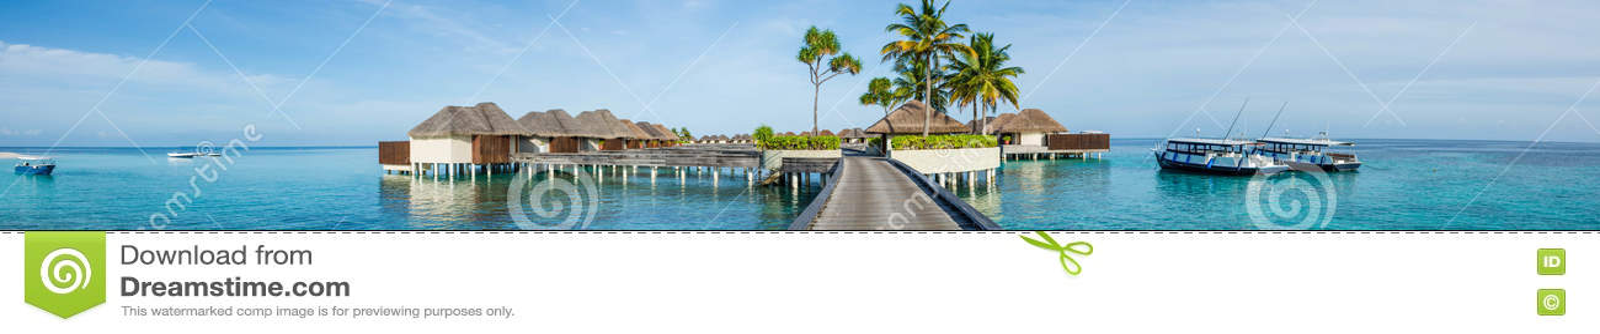 Όμορφο τροπικό πανόραμα παραλιών των bungalos με τη γέφυρα κοντά στον ωκεανό με τα δέντρα και τις βάρκες φοινικών στις Μαλδίβες